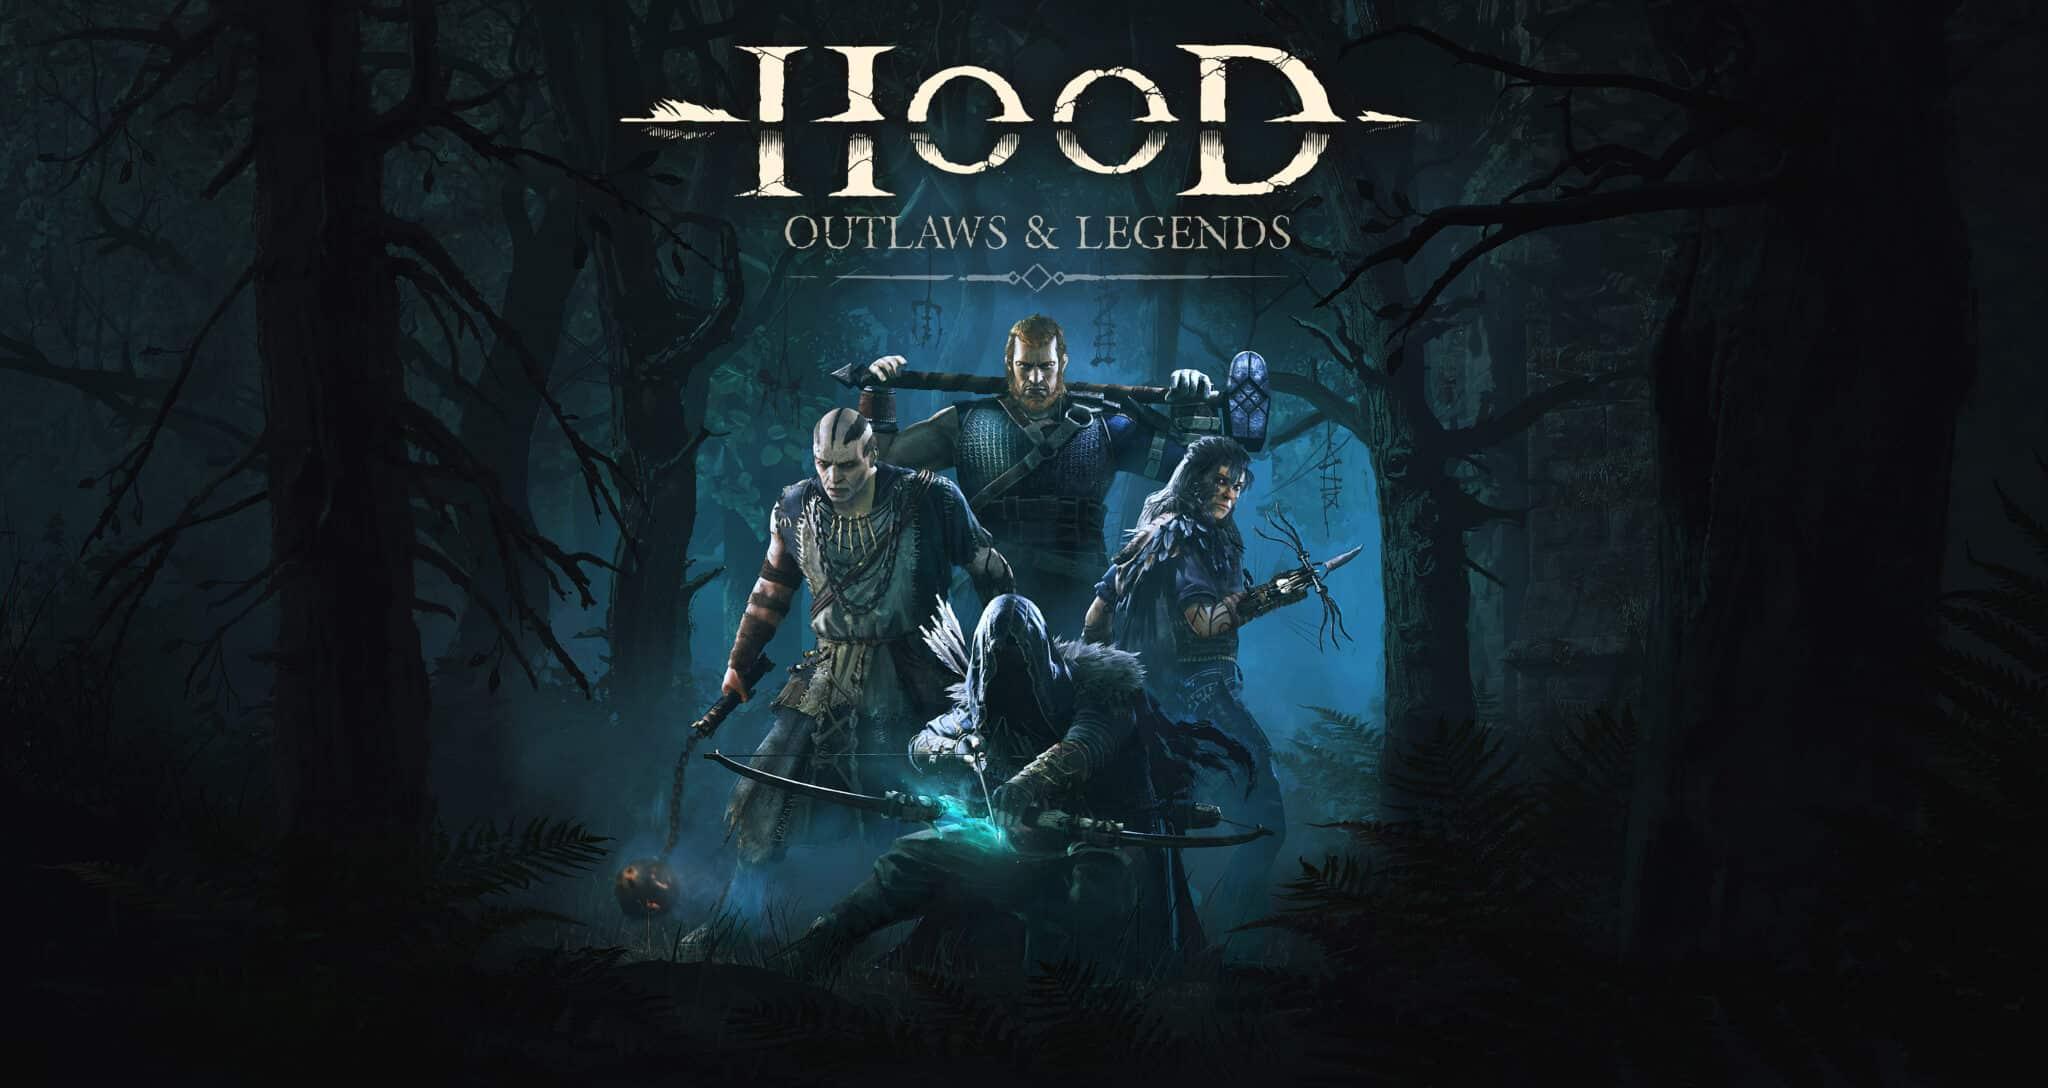 Hood_Outlaws-Legends_Main-artwork_1920x1080_Logo